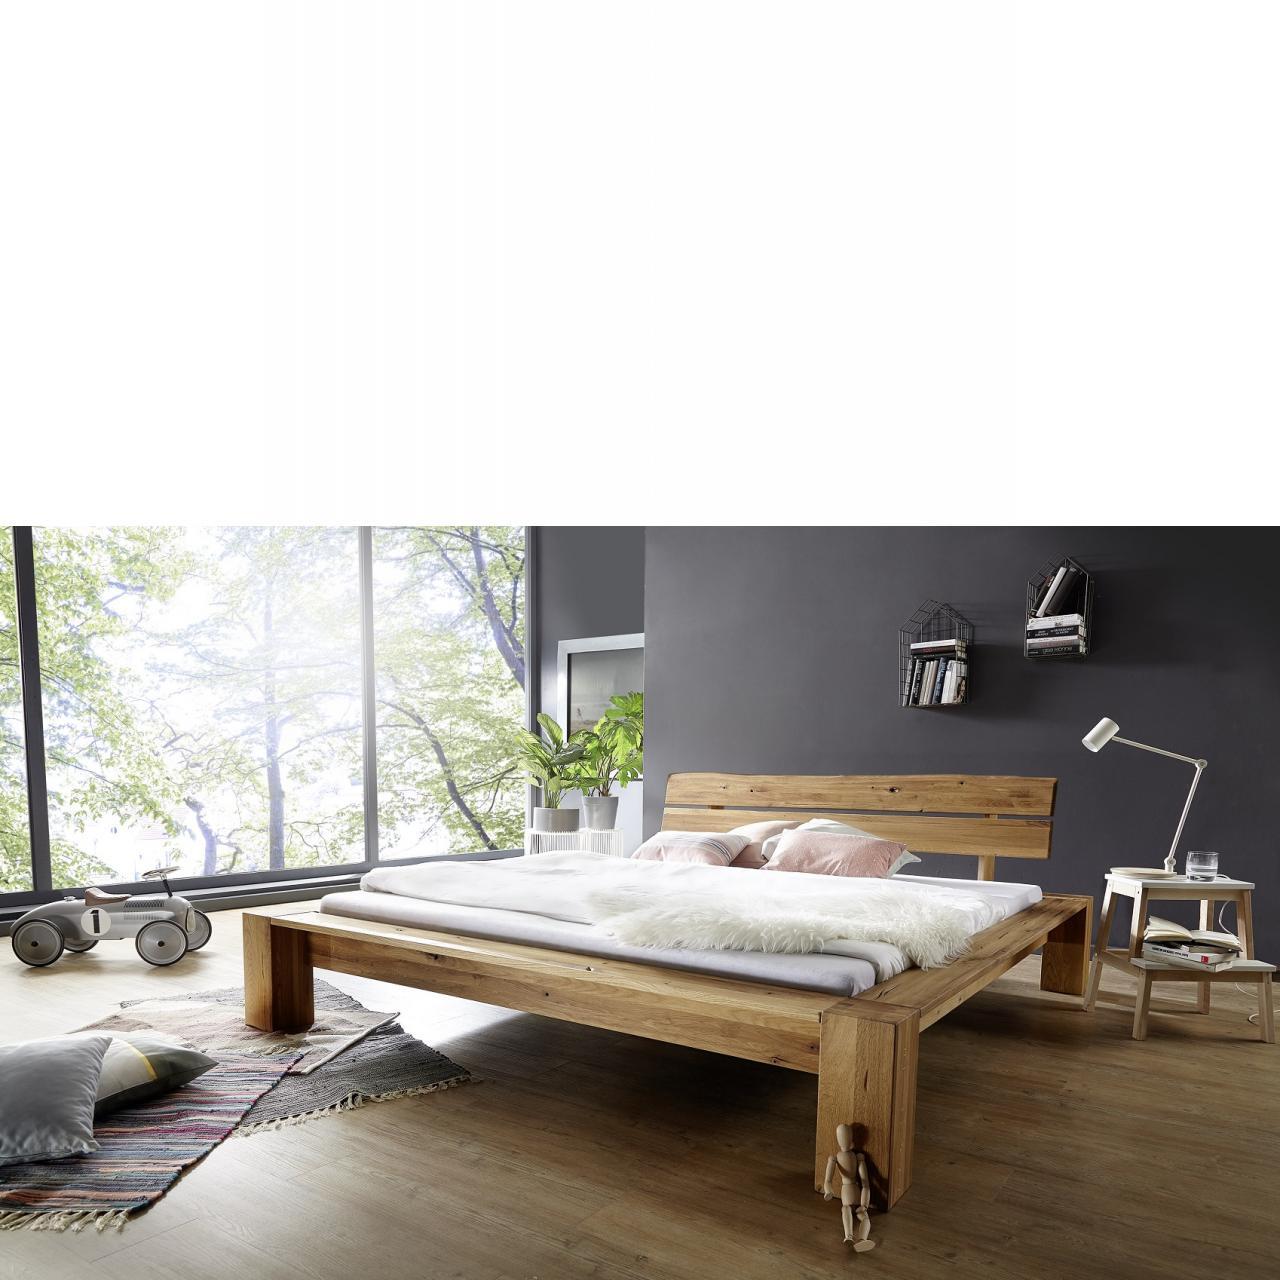 Bett BE-0286 Wildeiche Massiv Geölt Kopfteil Baumkante 2-teilig Schlafzimmer